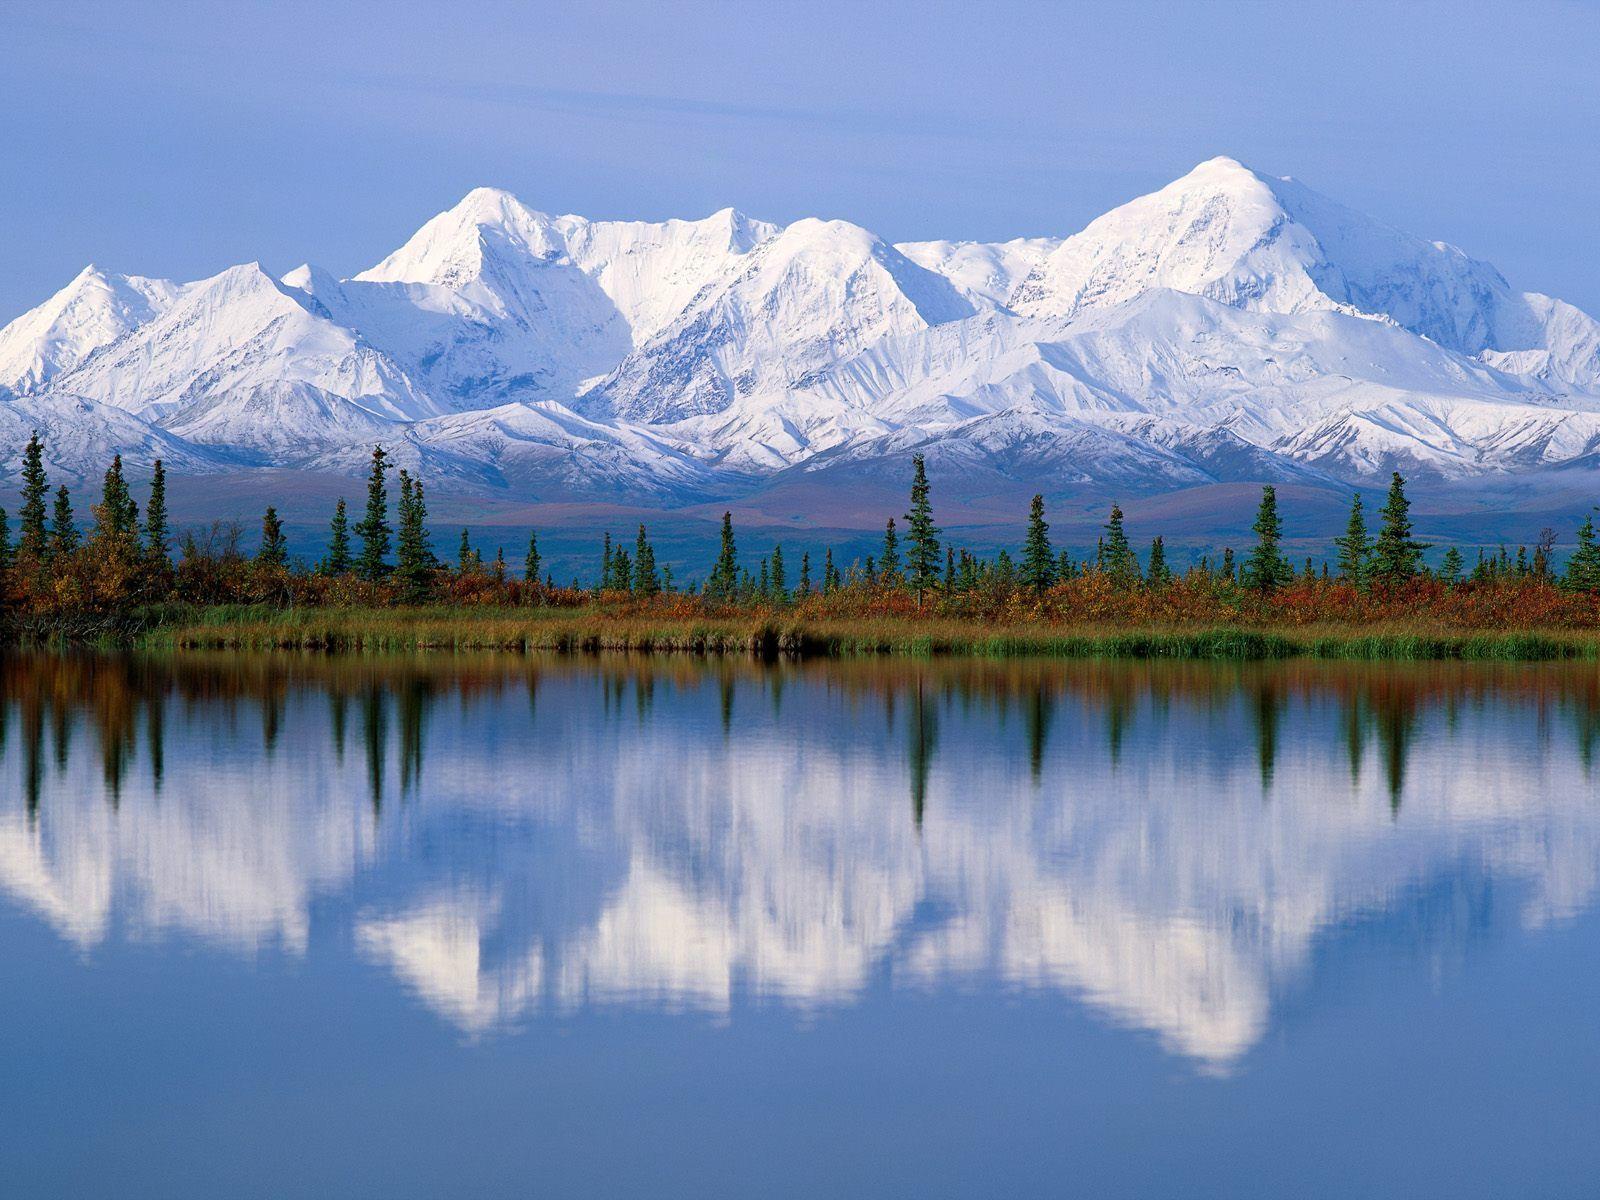 ¿Cuál es la montaña más alta de los EE.UU y de toda Norteamérica? (no es la de la foto, es un paisaje de Alaska)